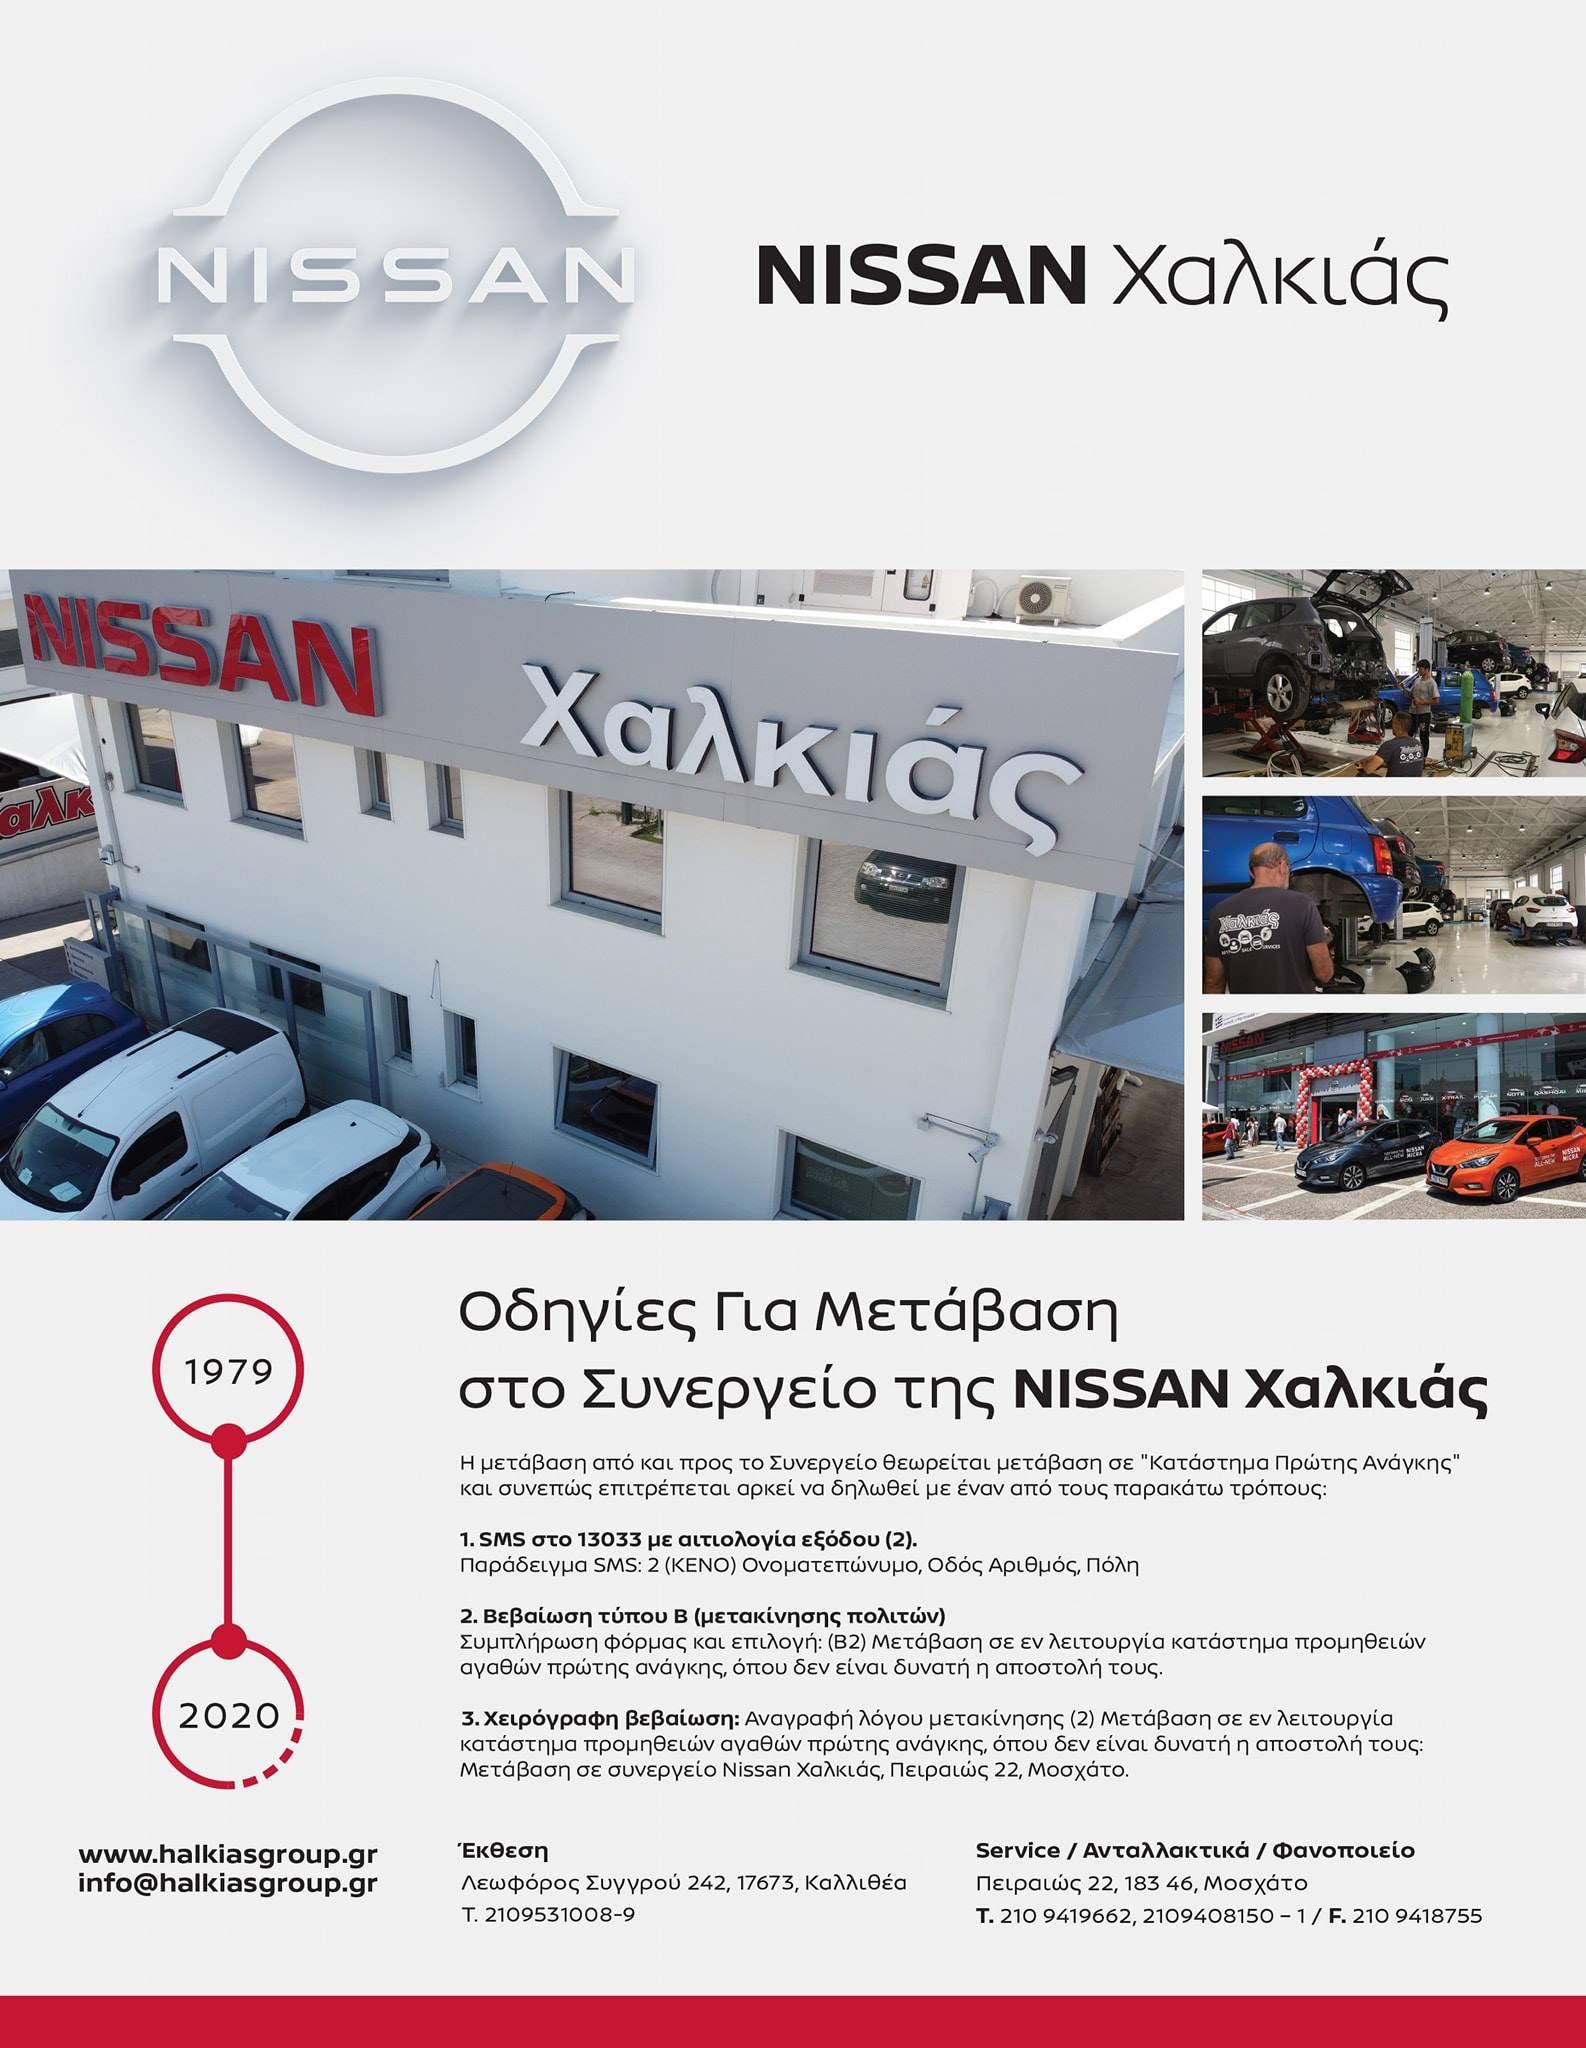 Οδηγίες Για Μετάβαση στο Συνεργείο της Nissan Χαλκιάς για το Lockdown